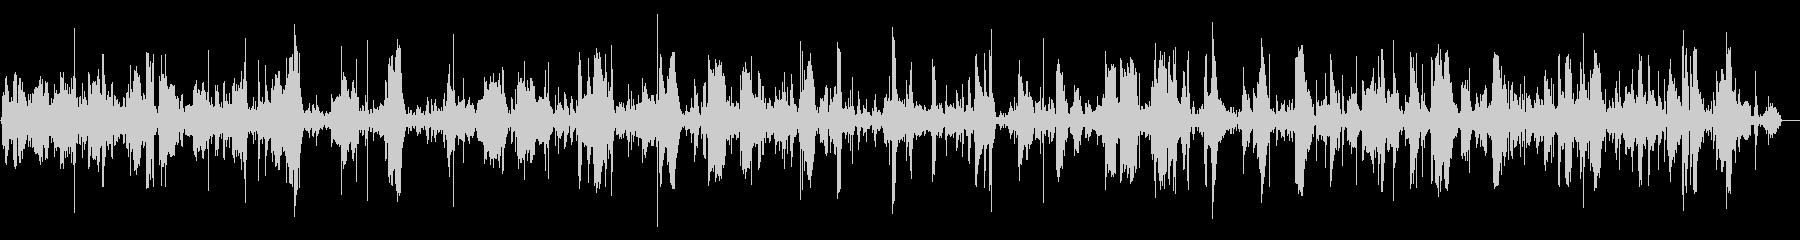 プクプクという激しい泡の音の未再生の波形